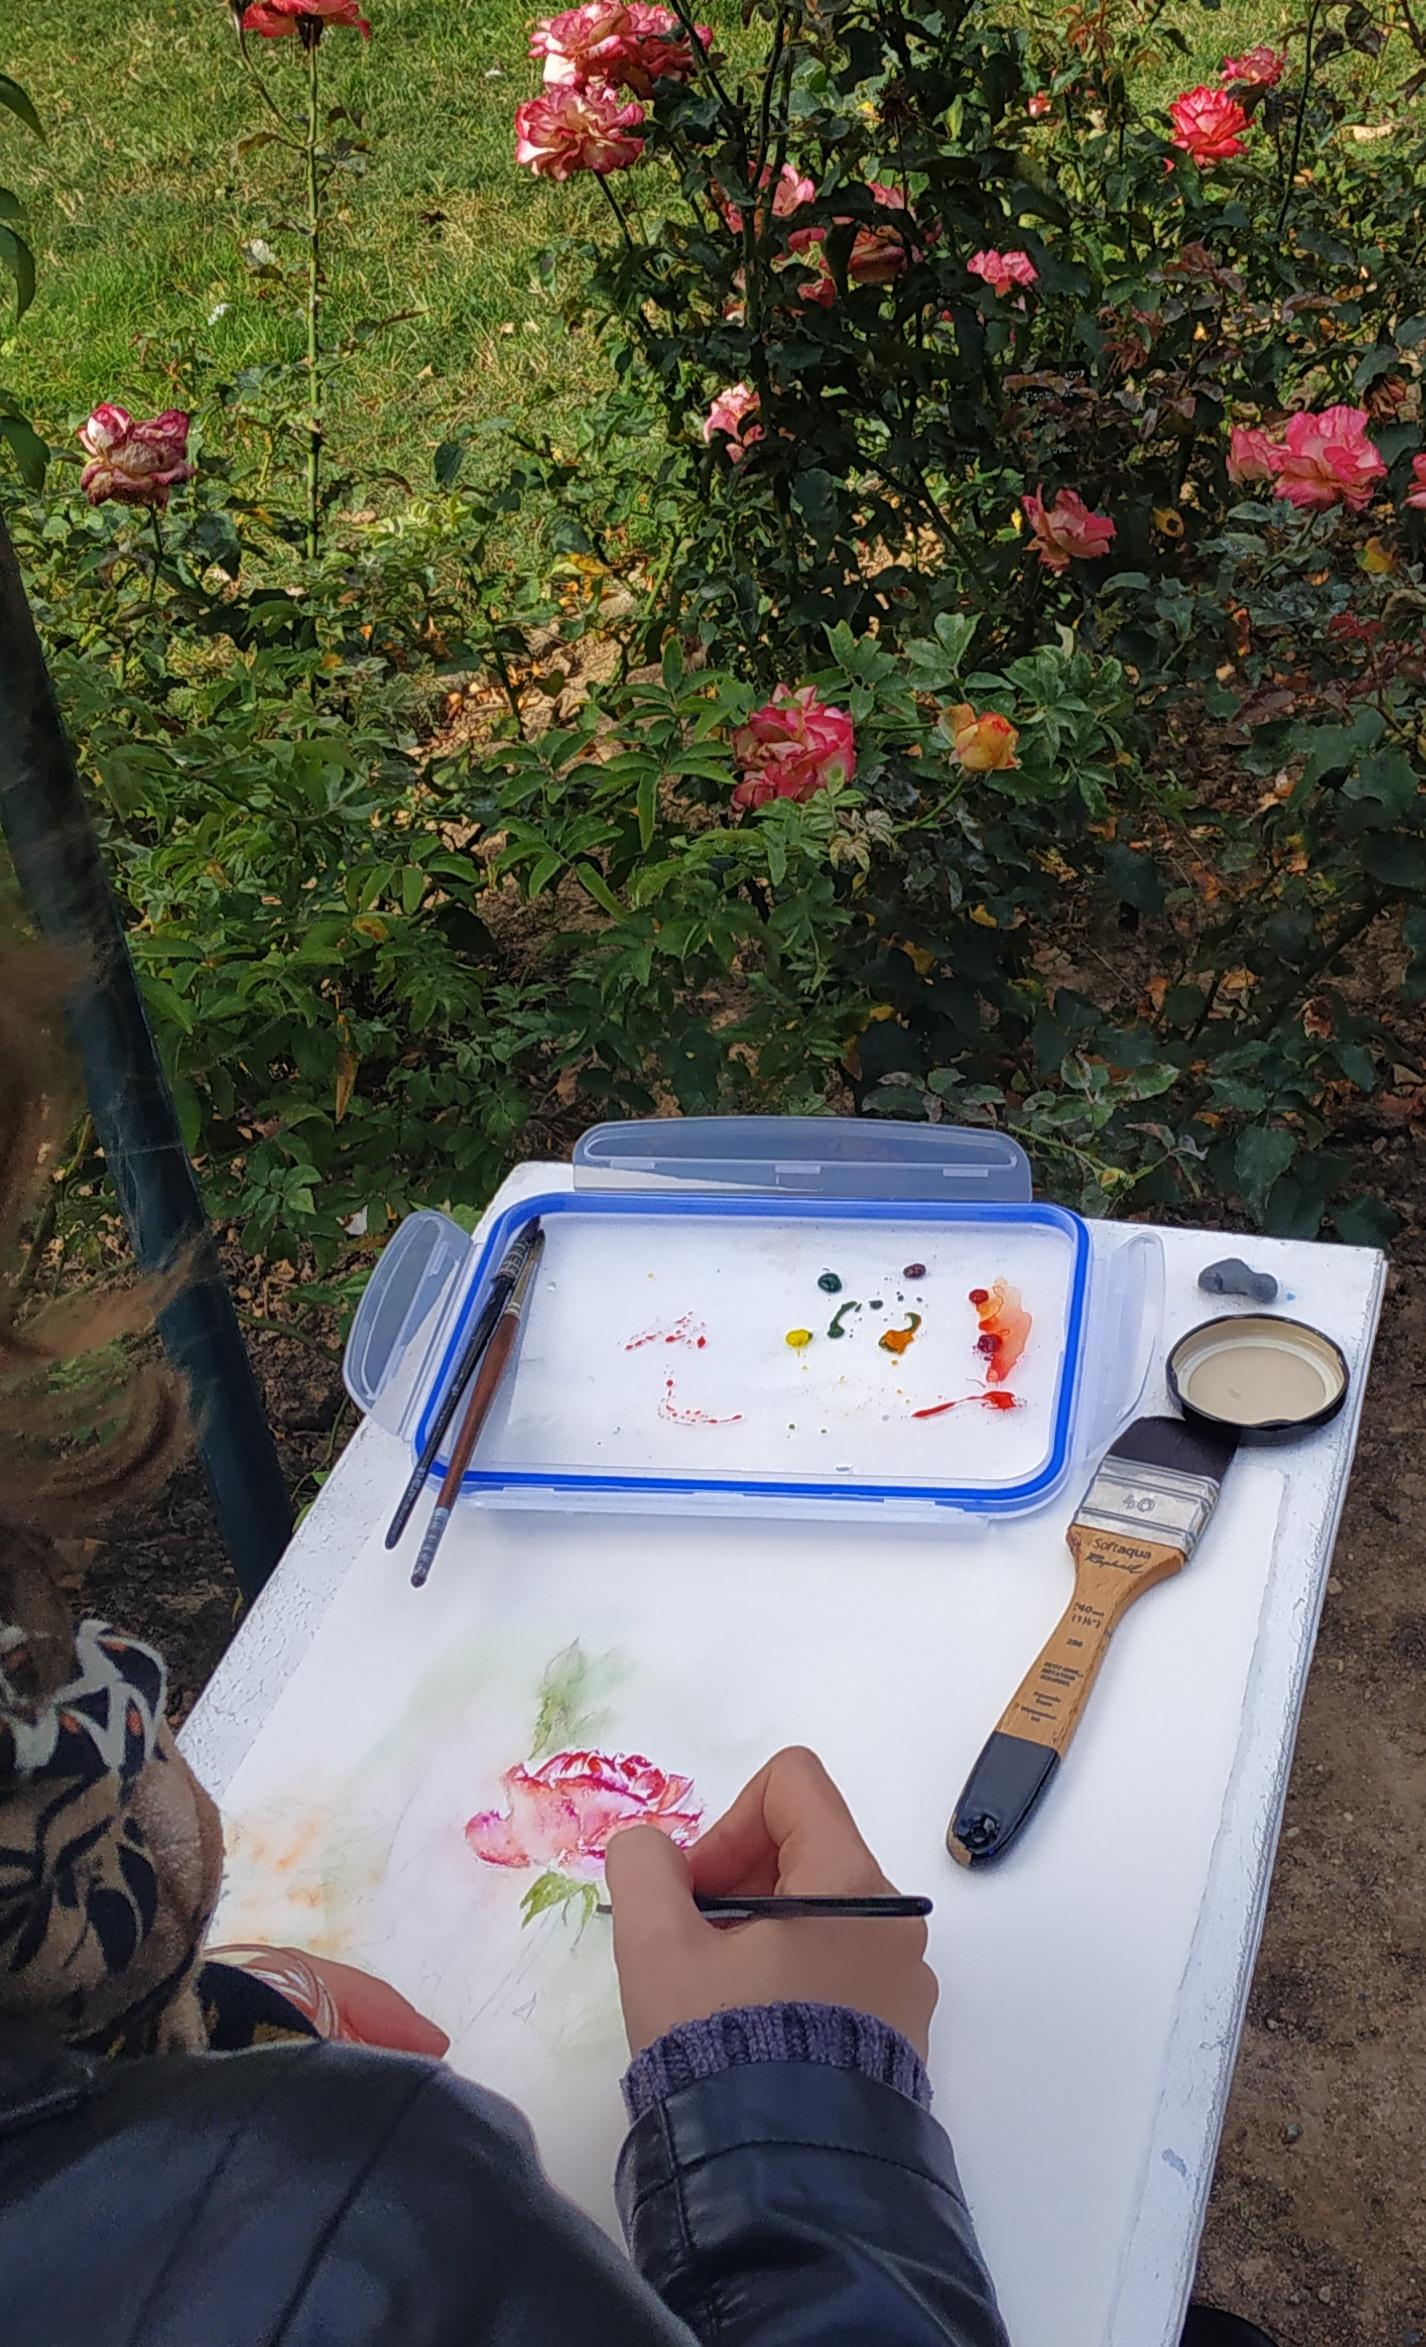 S�ances d'aquarelles en ext�rieur  cours de dessin